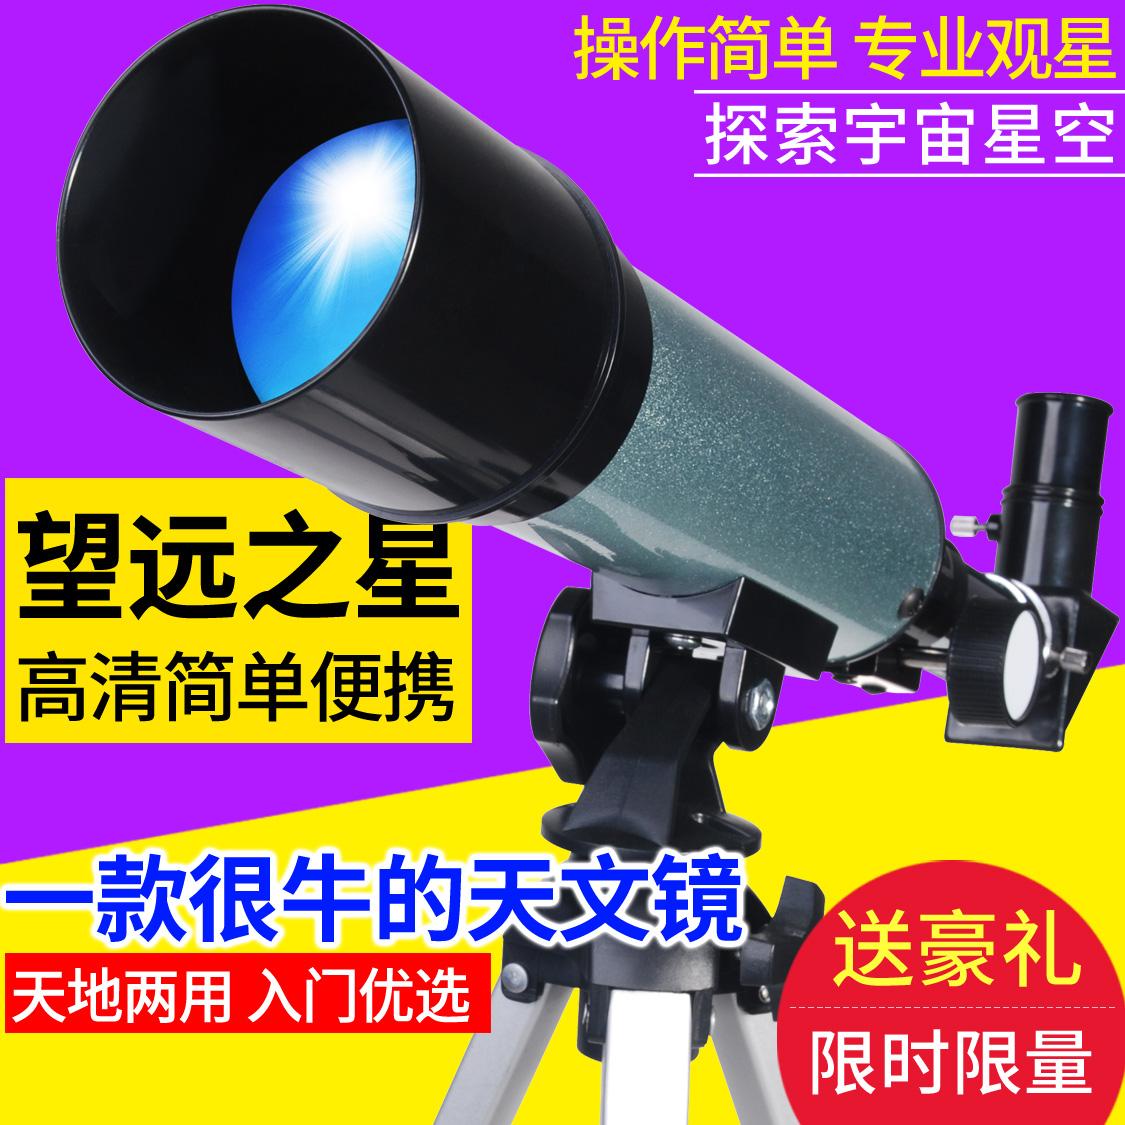 UKON 育空 uk-f36050 新款入门级单筒望远镜 68元包邮(需领100元优惠券)